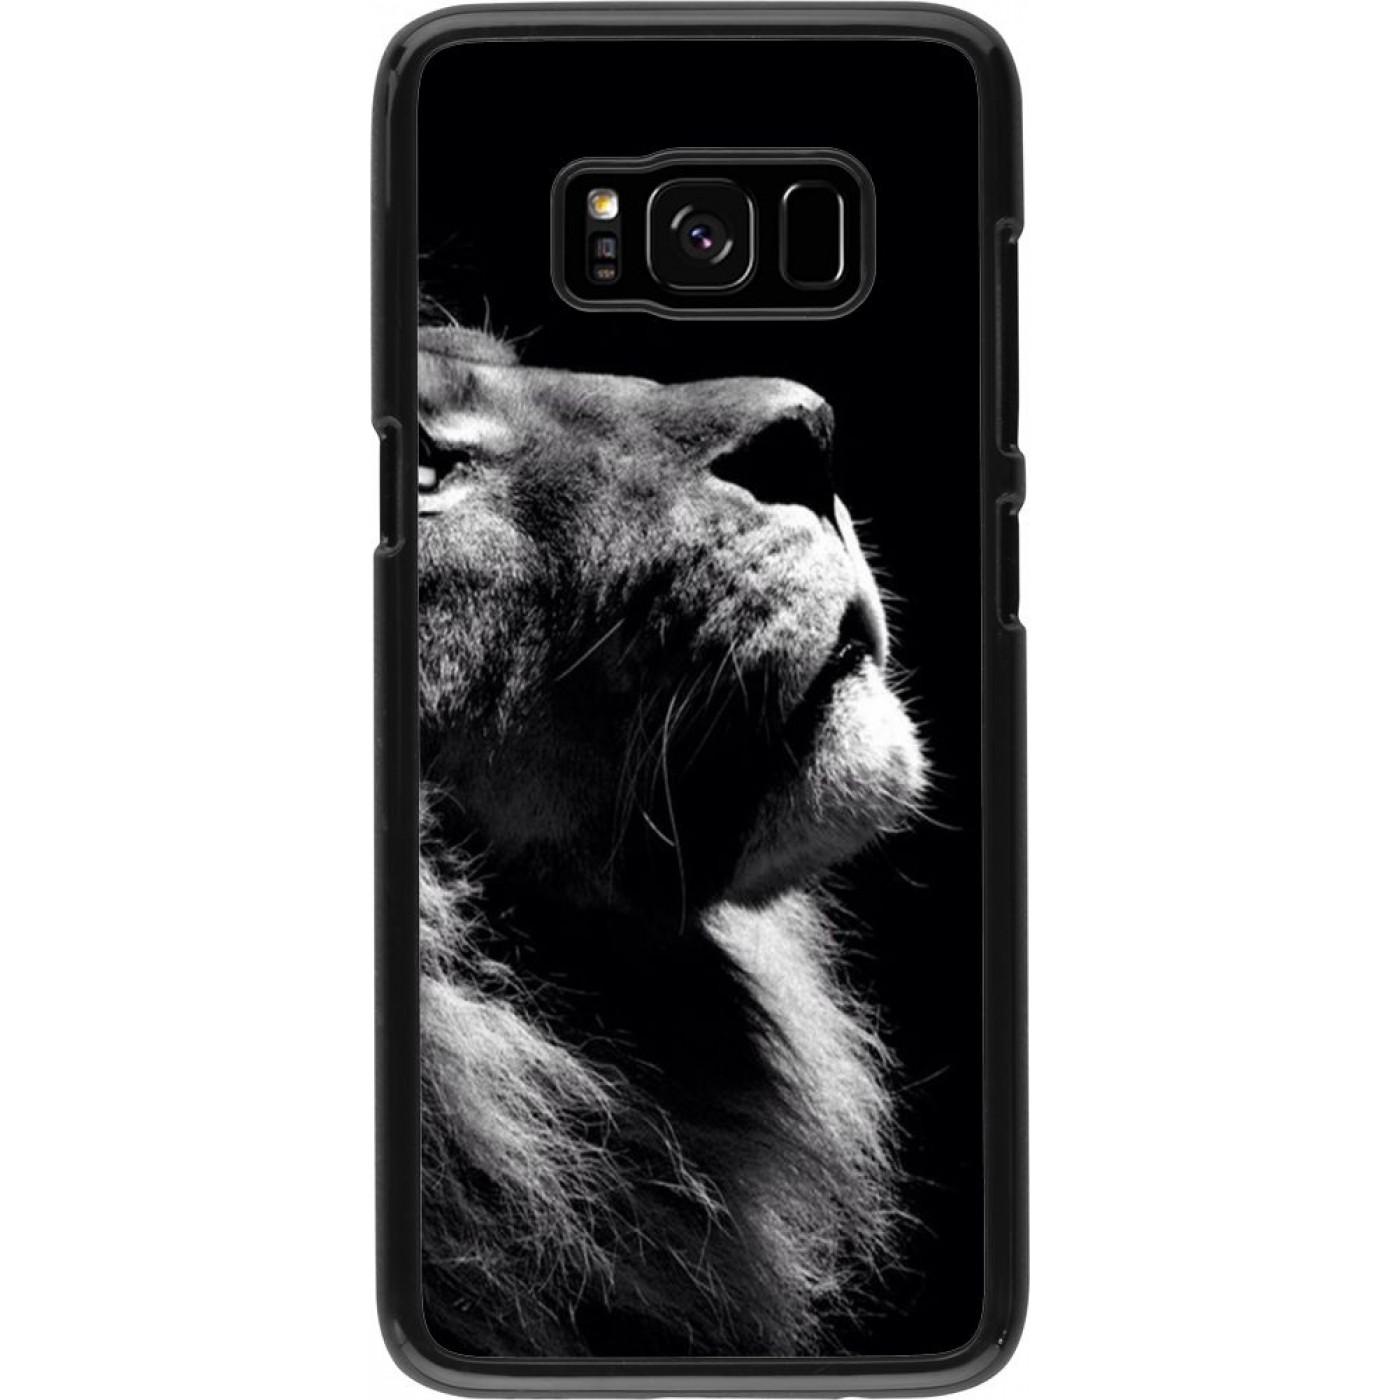 coque lion samsung s8